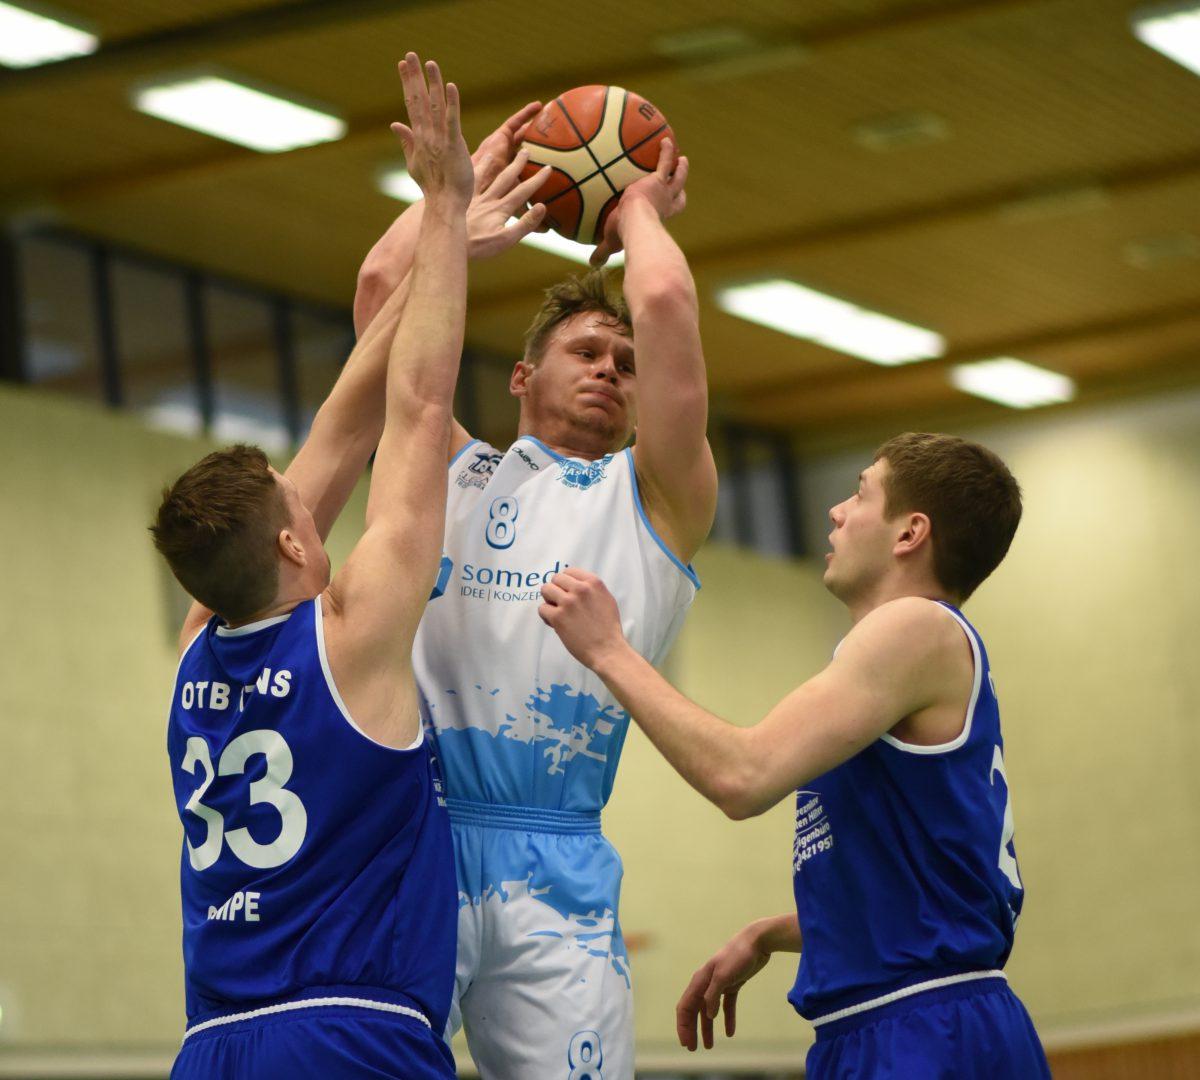 68:78 – S.O. Medien Baskets brechen gegen Osnabrücker TB nach starken drei Vierteln ein